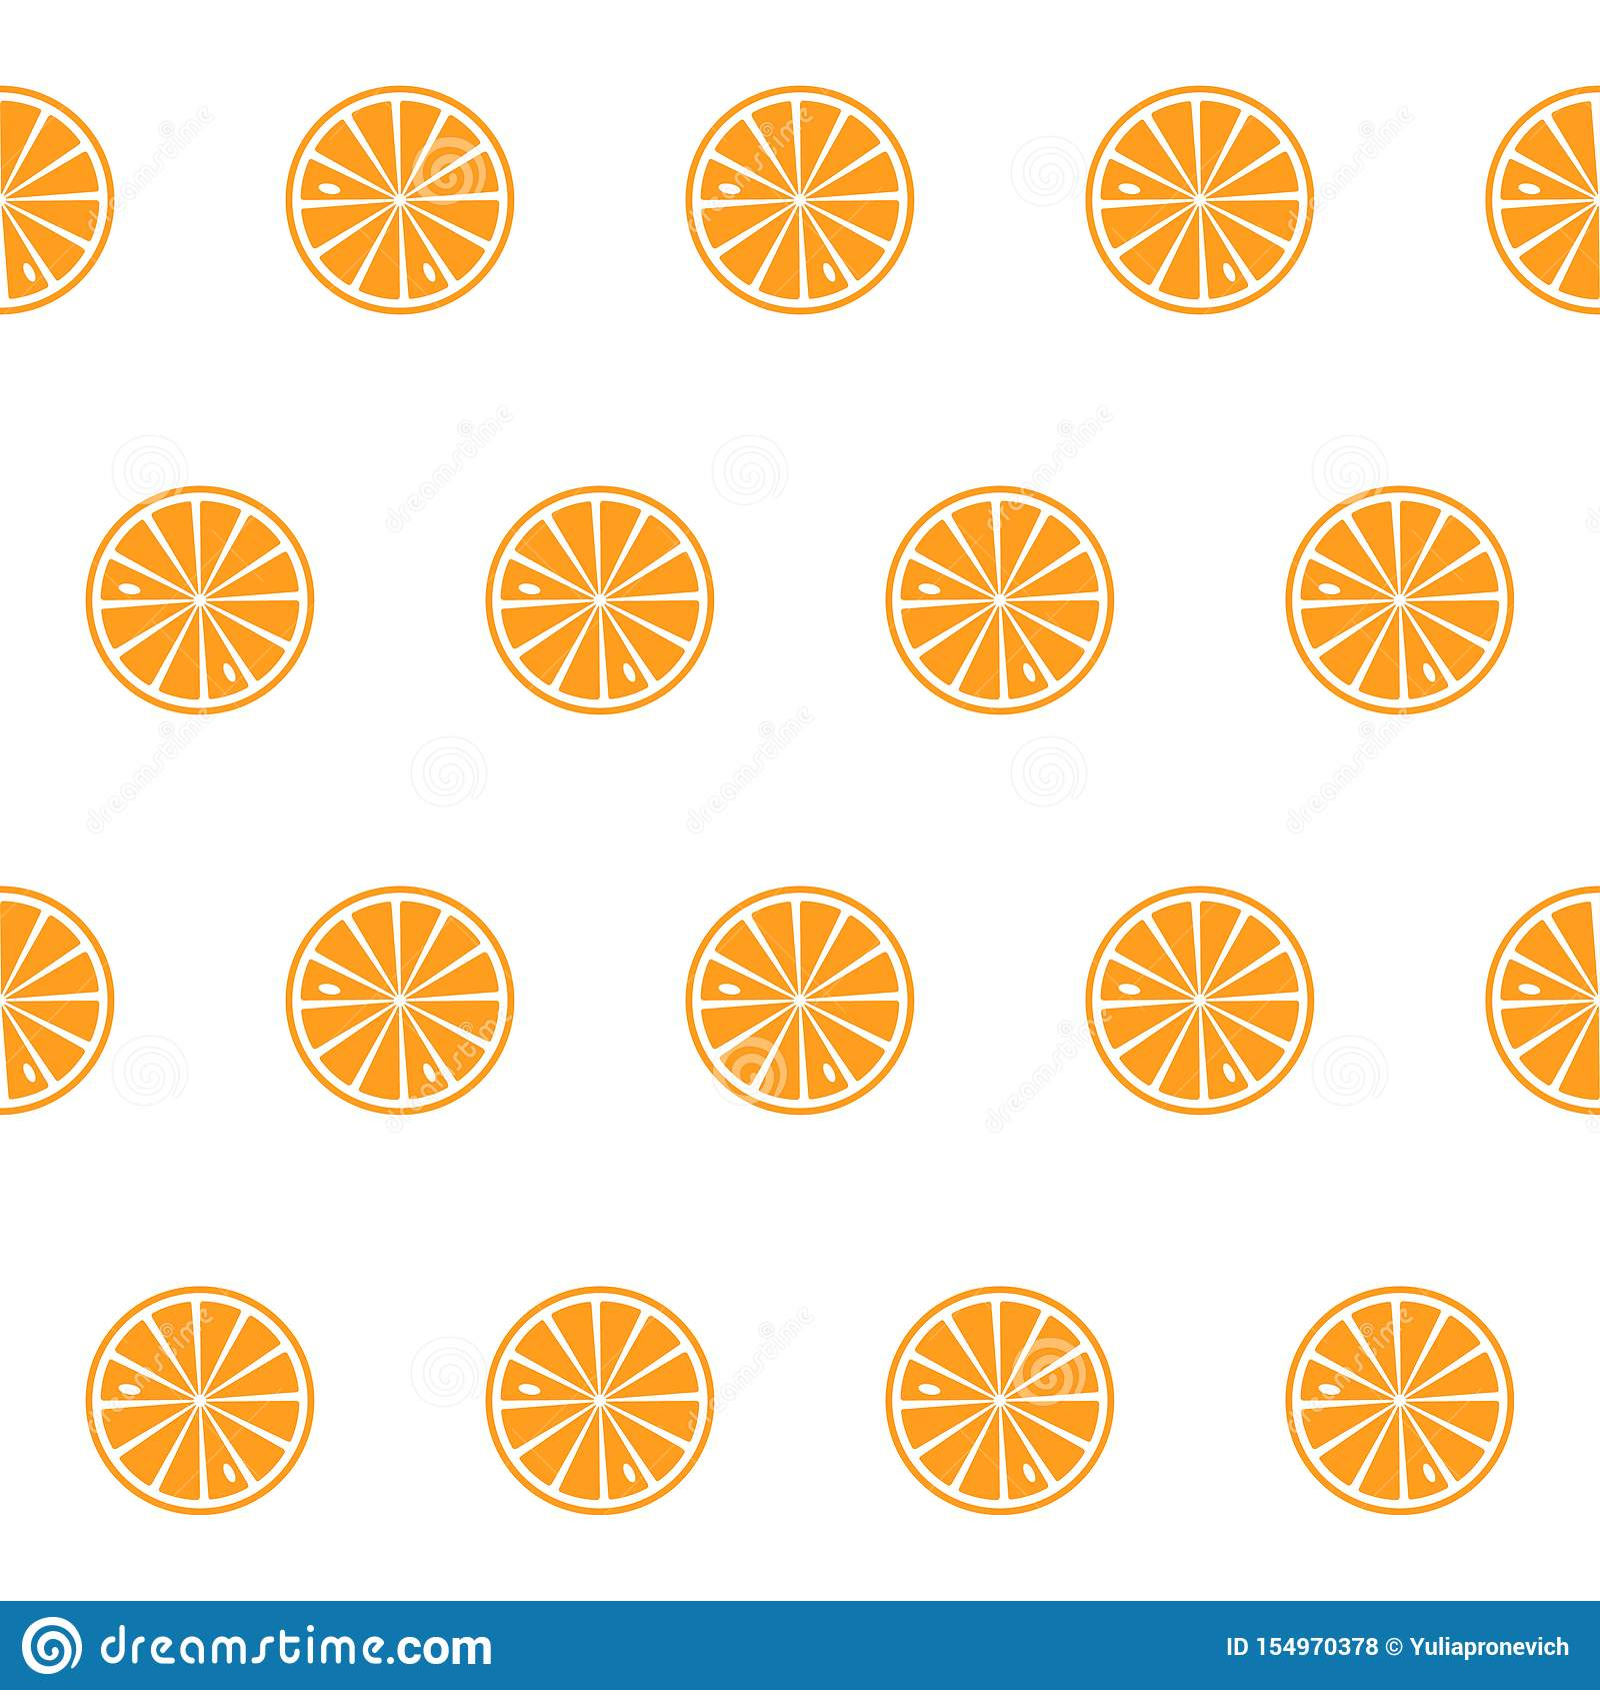 Lemon, lime, orange slices on a white background. Vector.